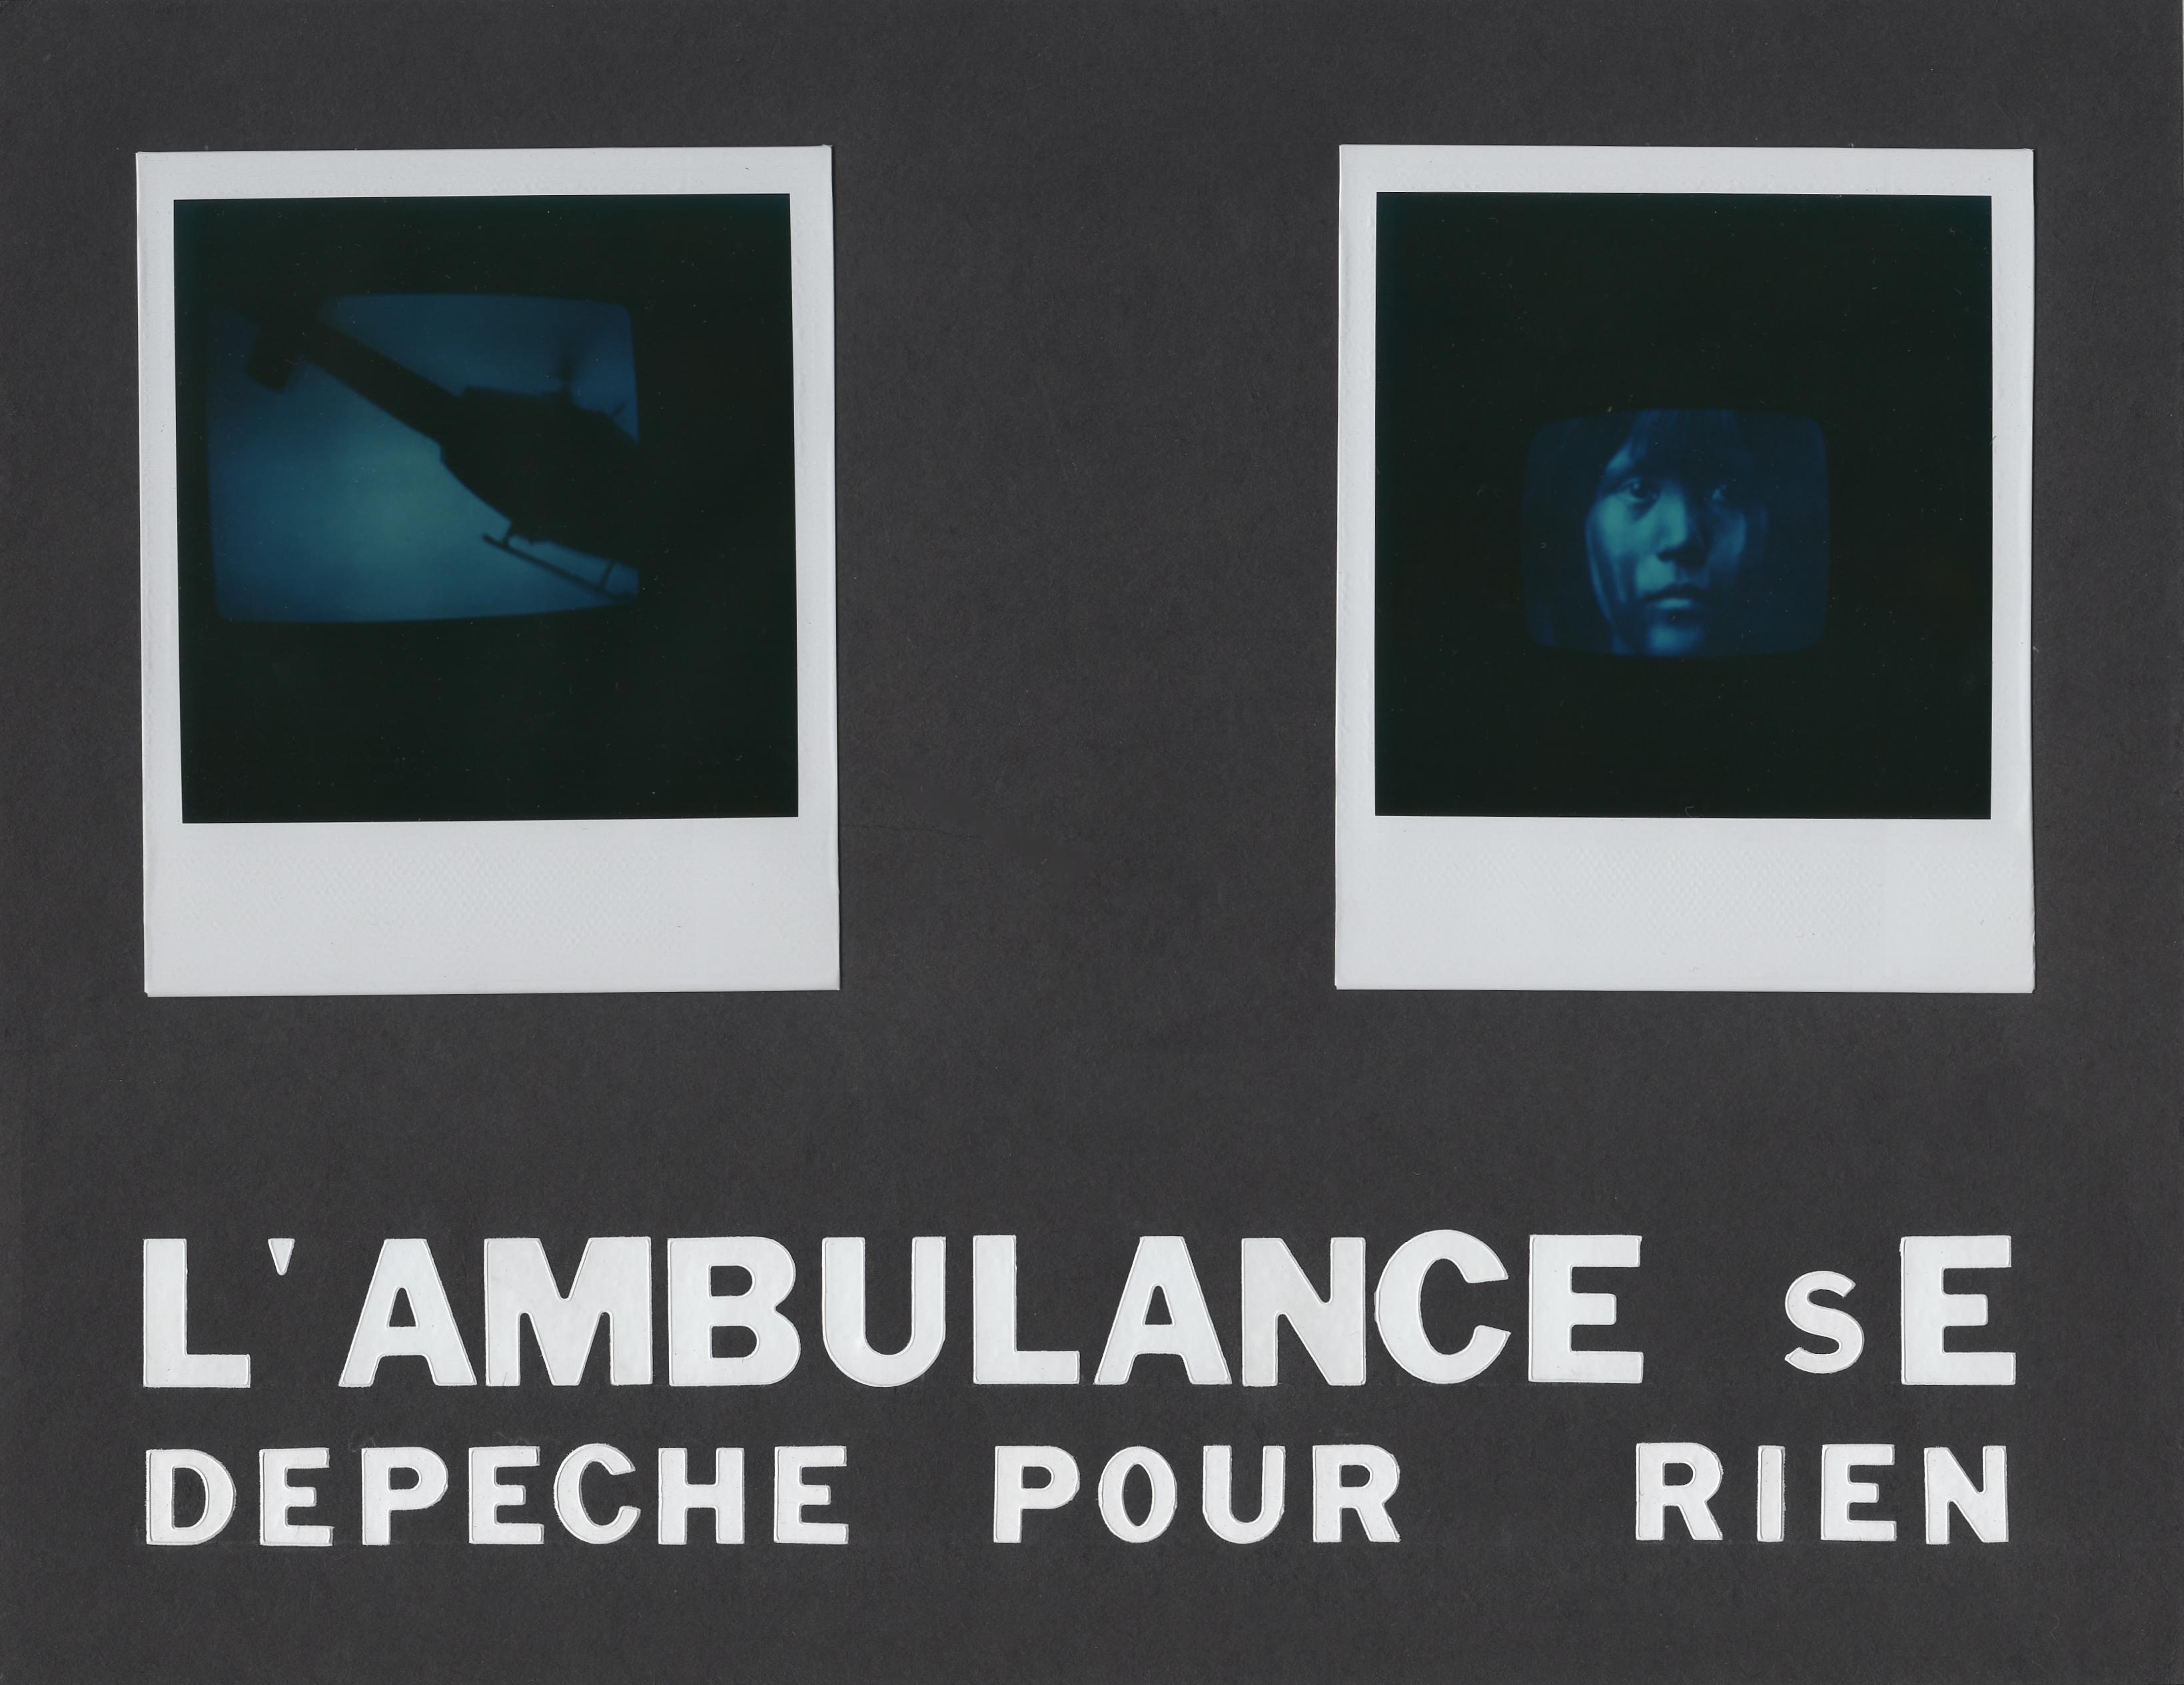 L'ambulance se dépêche pour rien